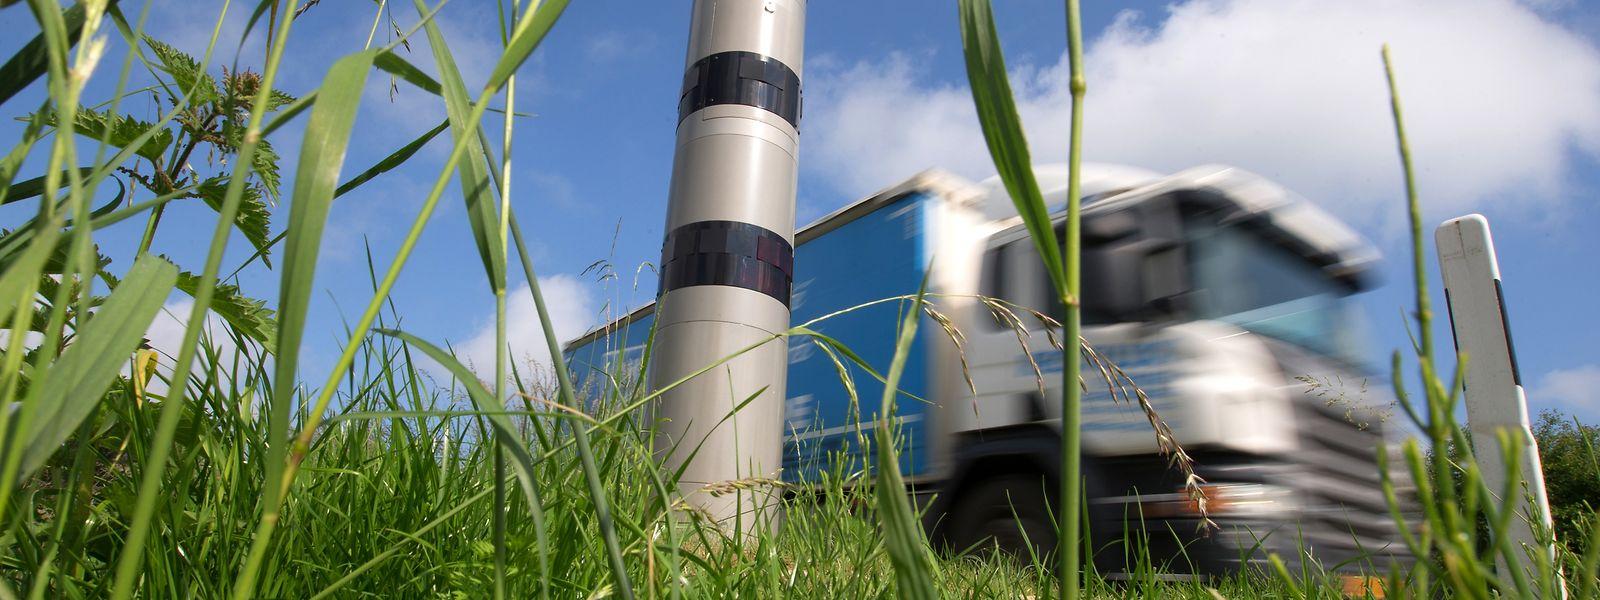 Die Straßenbauverwaltung prüft derzeit, ob ein neues Radargerät am Léierhaff errichtet werden kann.